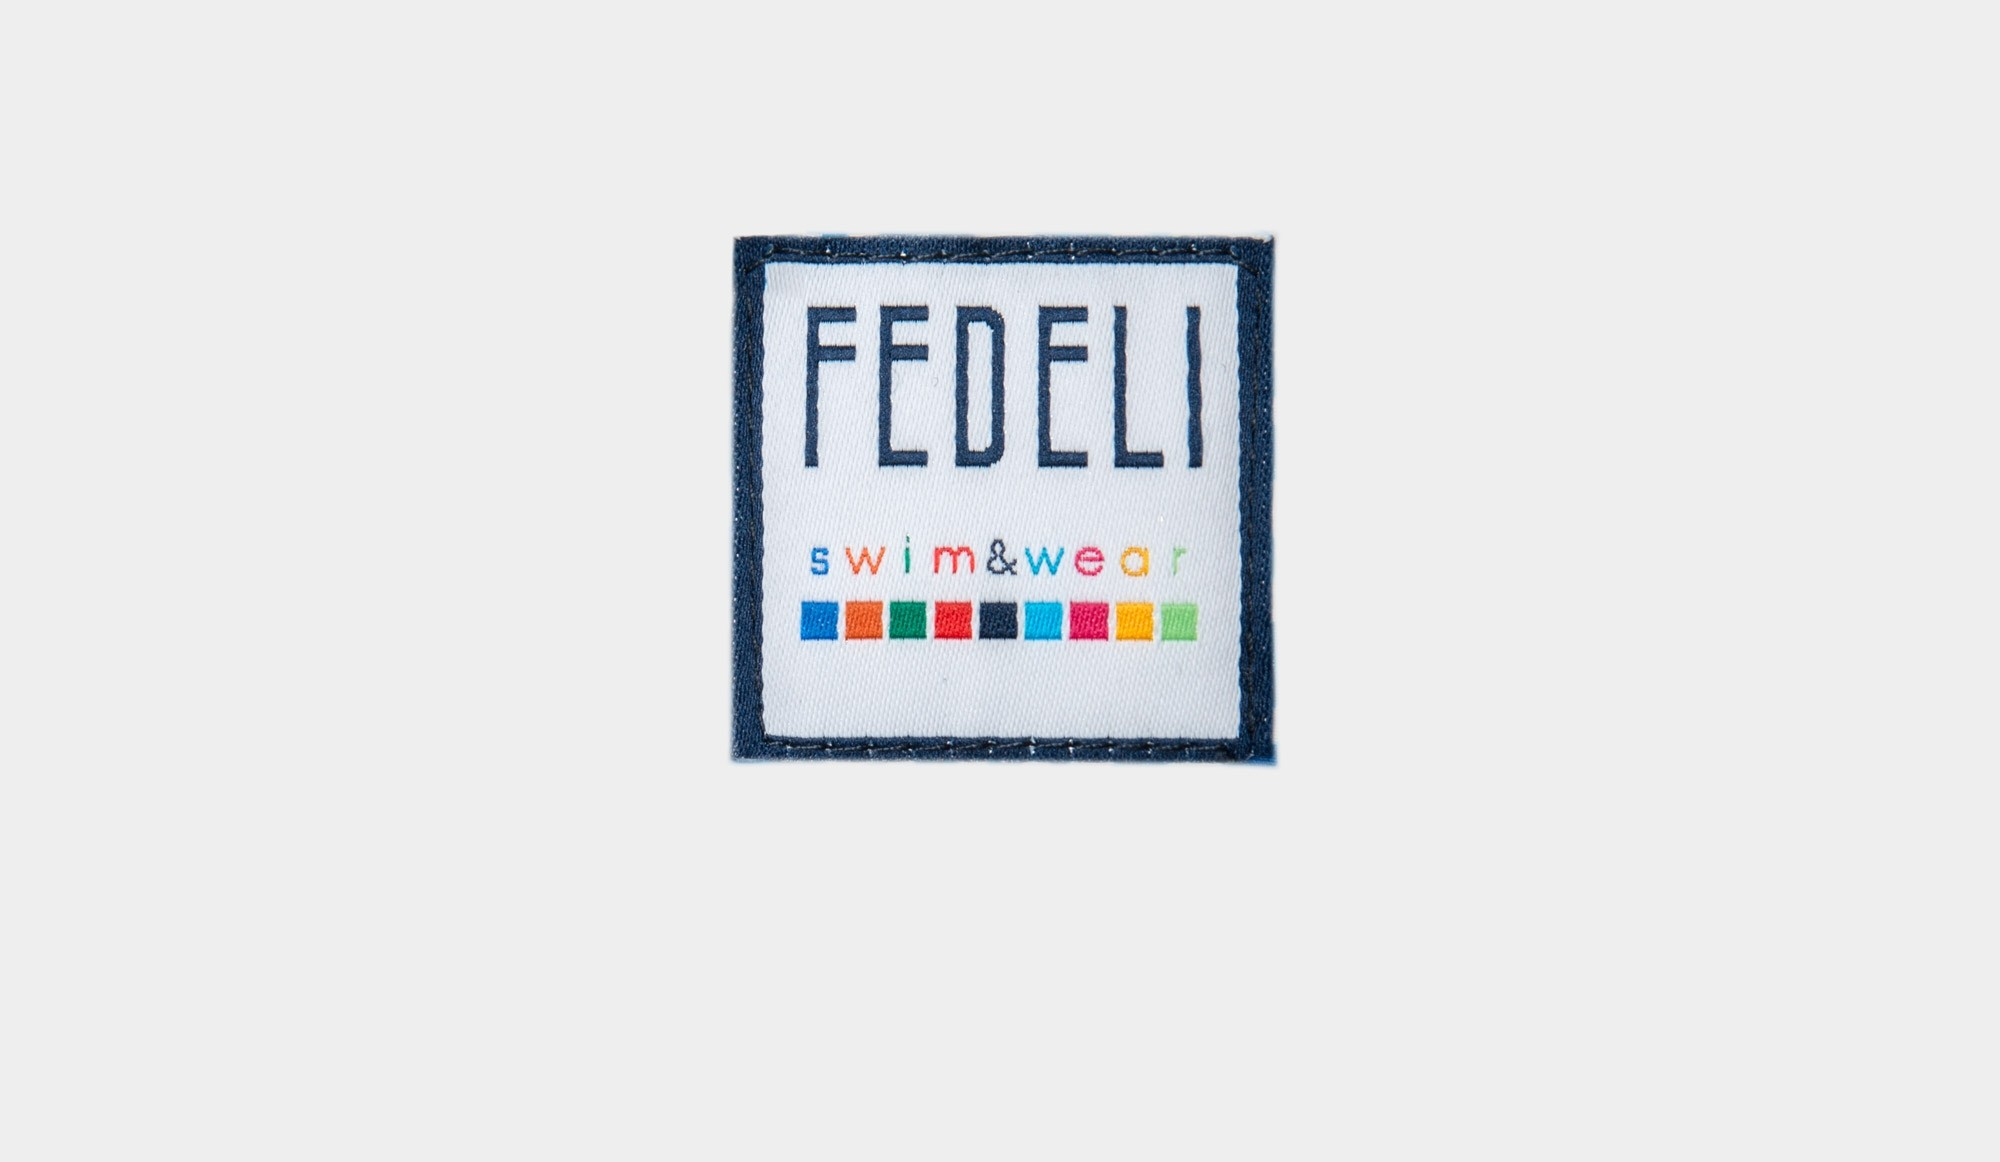 64a30f0a8dc18 Fedeli Swim Trunk Structured Denim - Cipriani